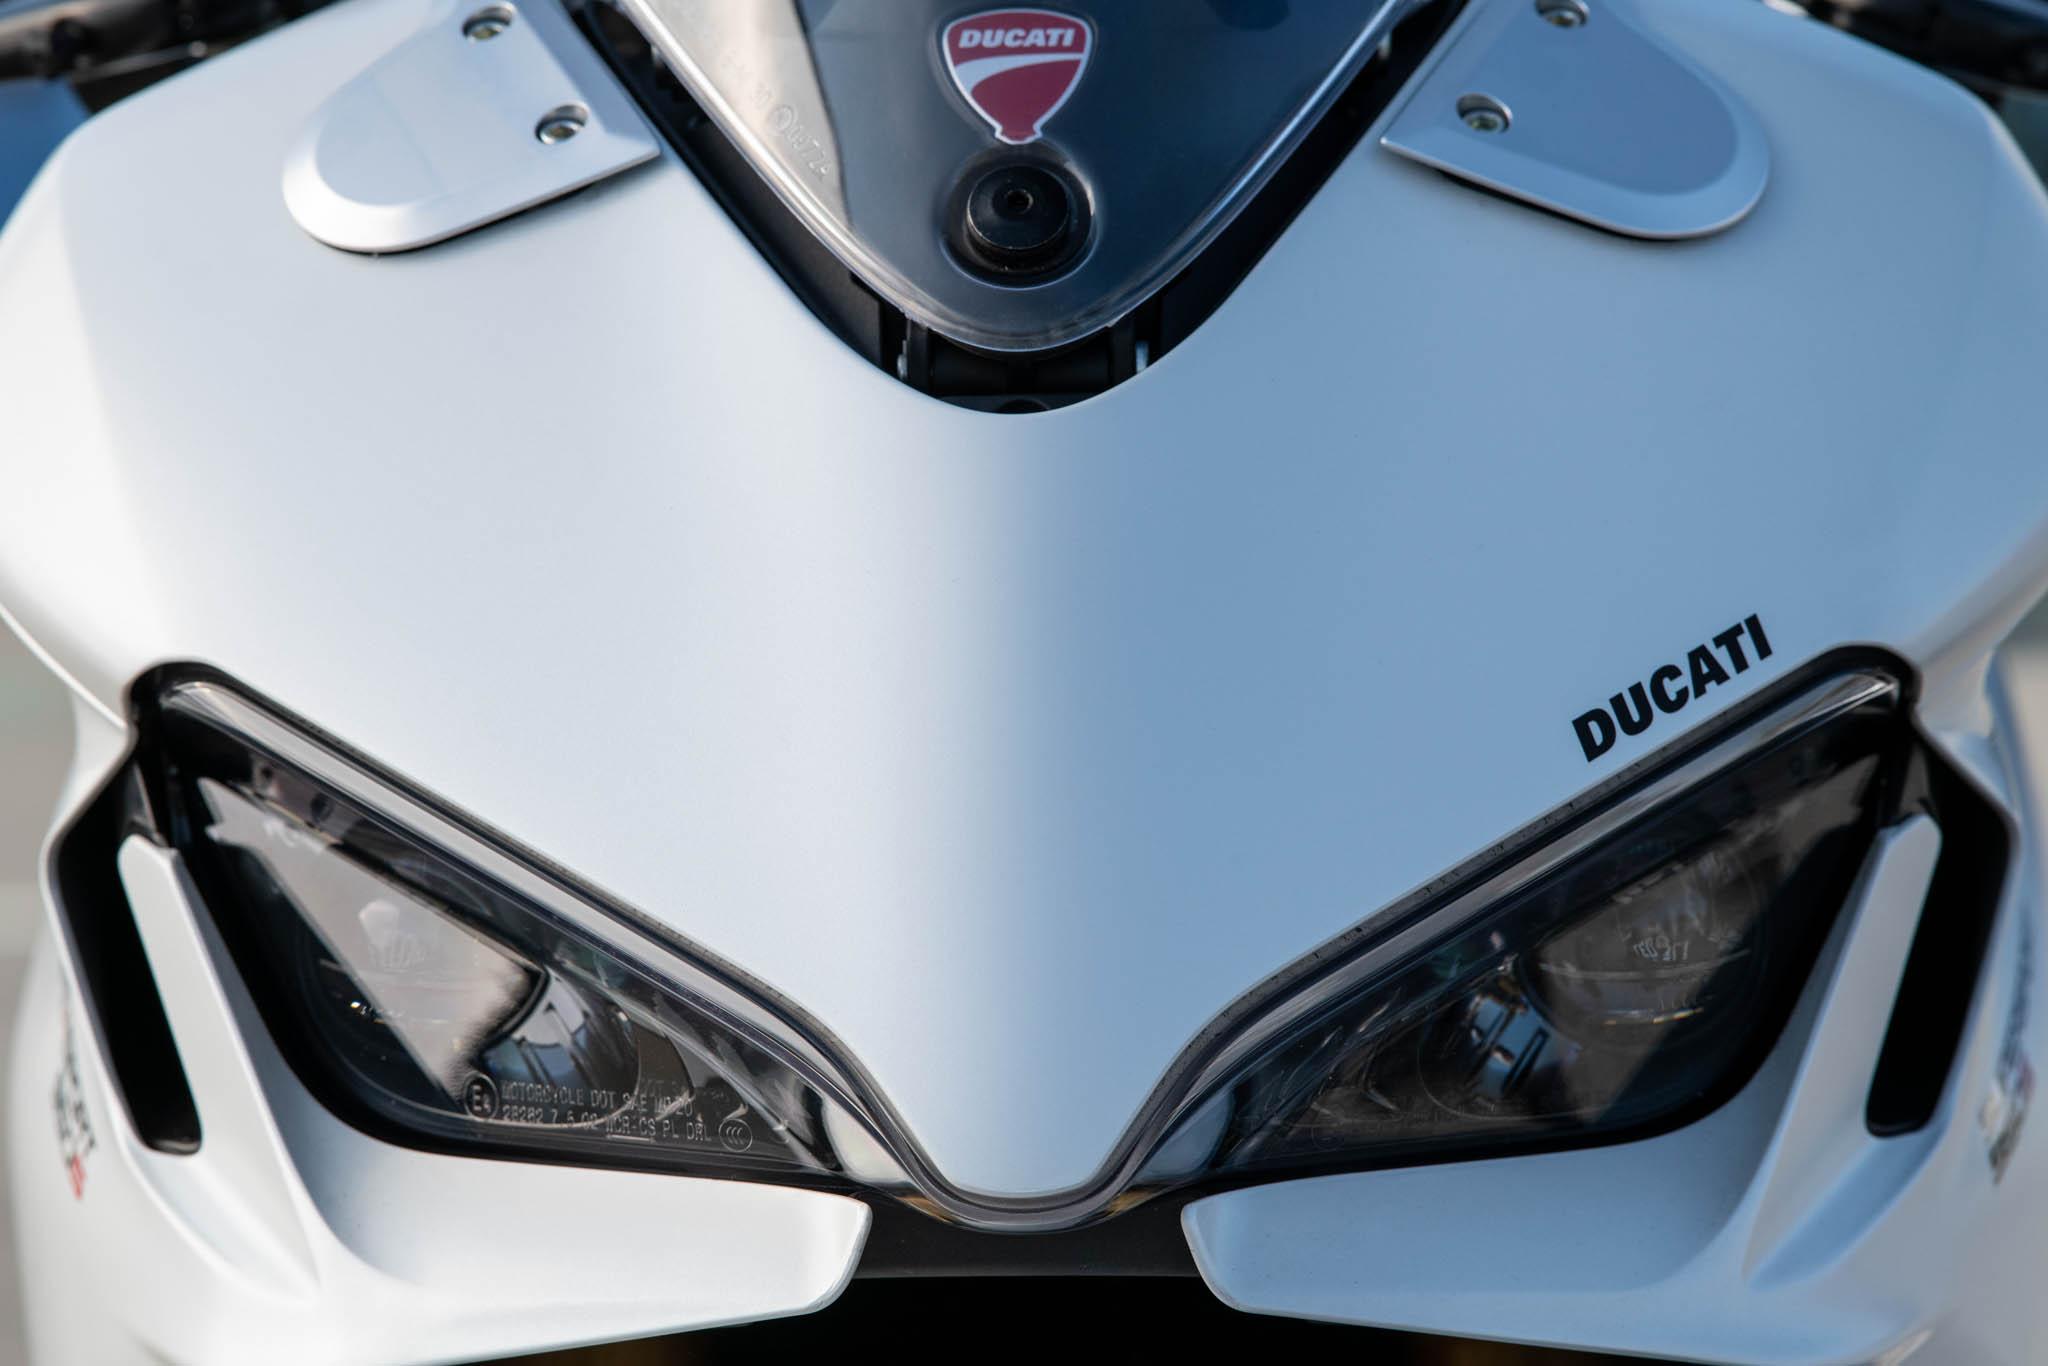 Ducati_SuperSport_950_2021_details-5